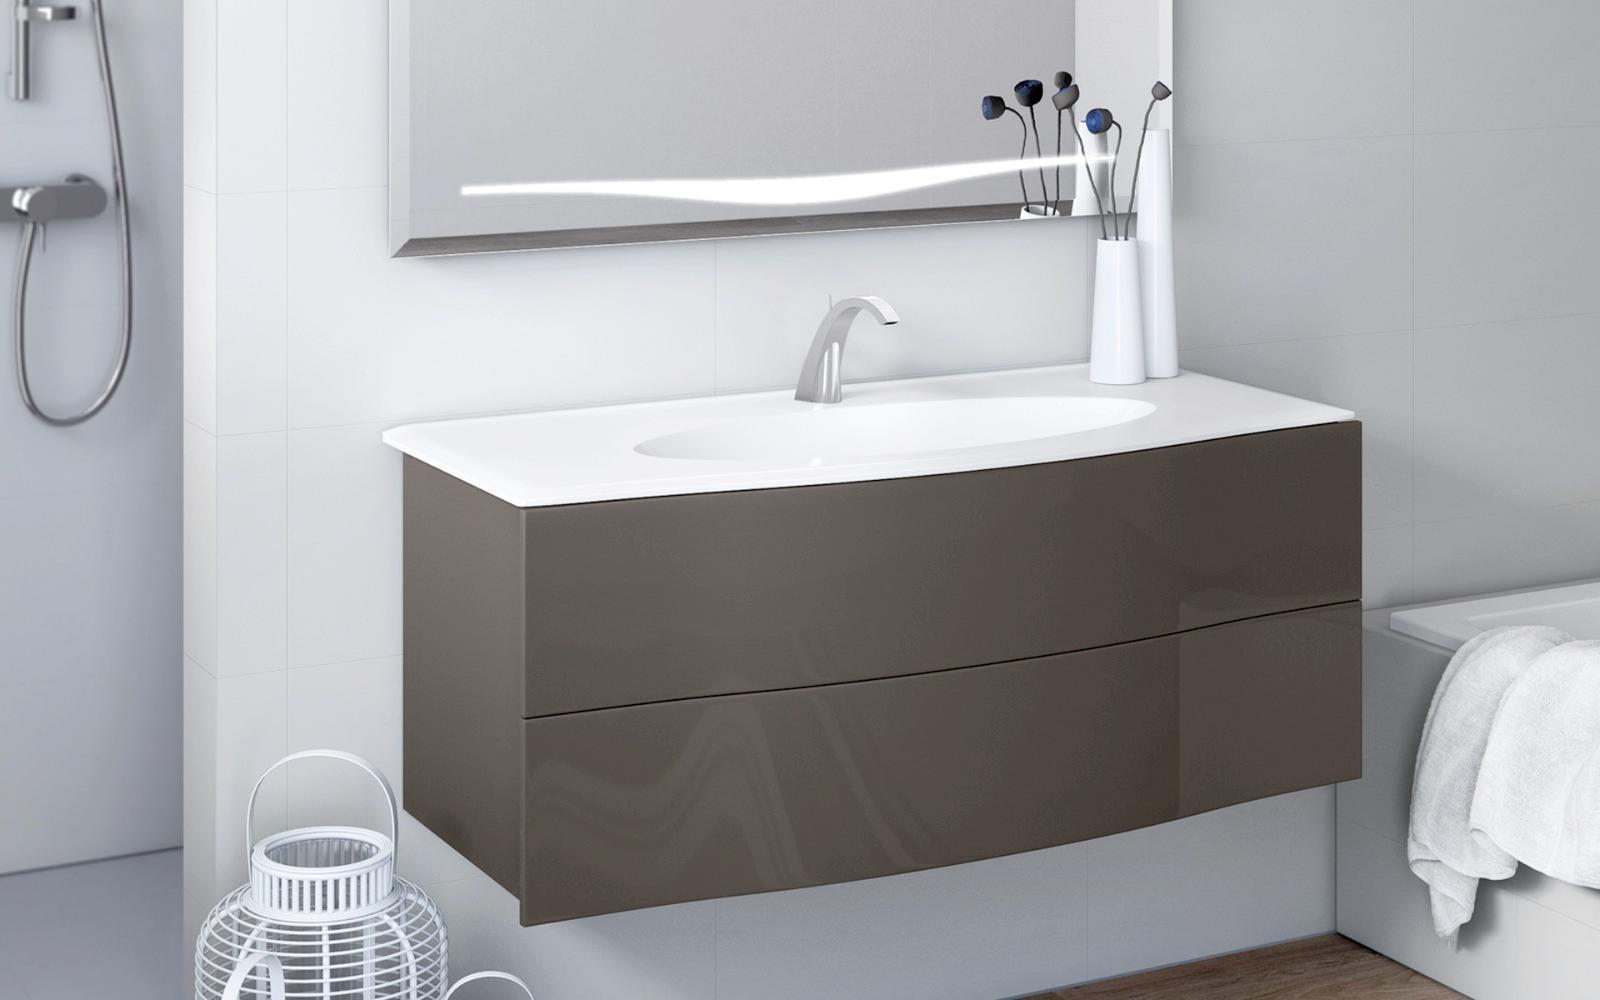 Création salle de bains - entreprise située à St-Nom-la-Bretèche